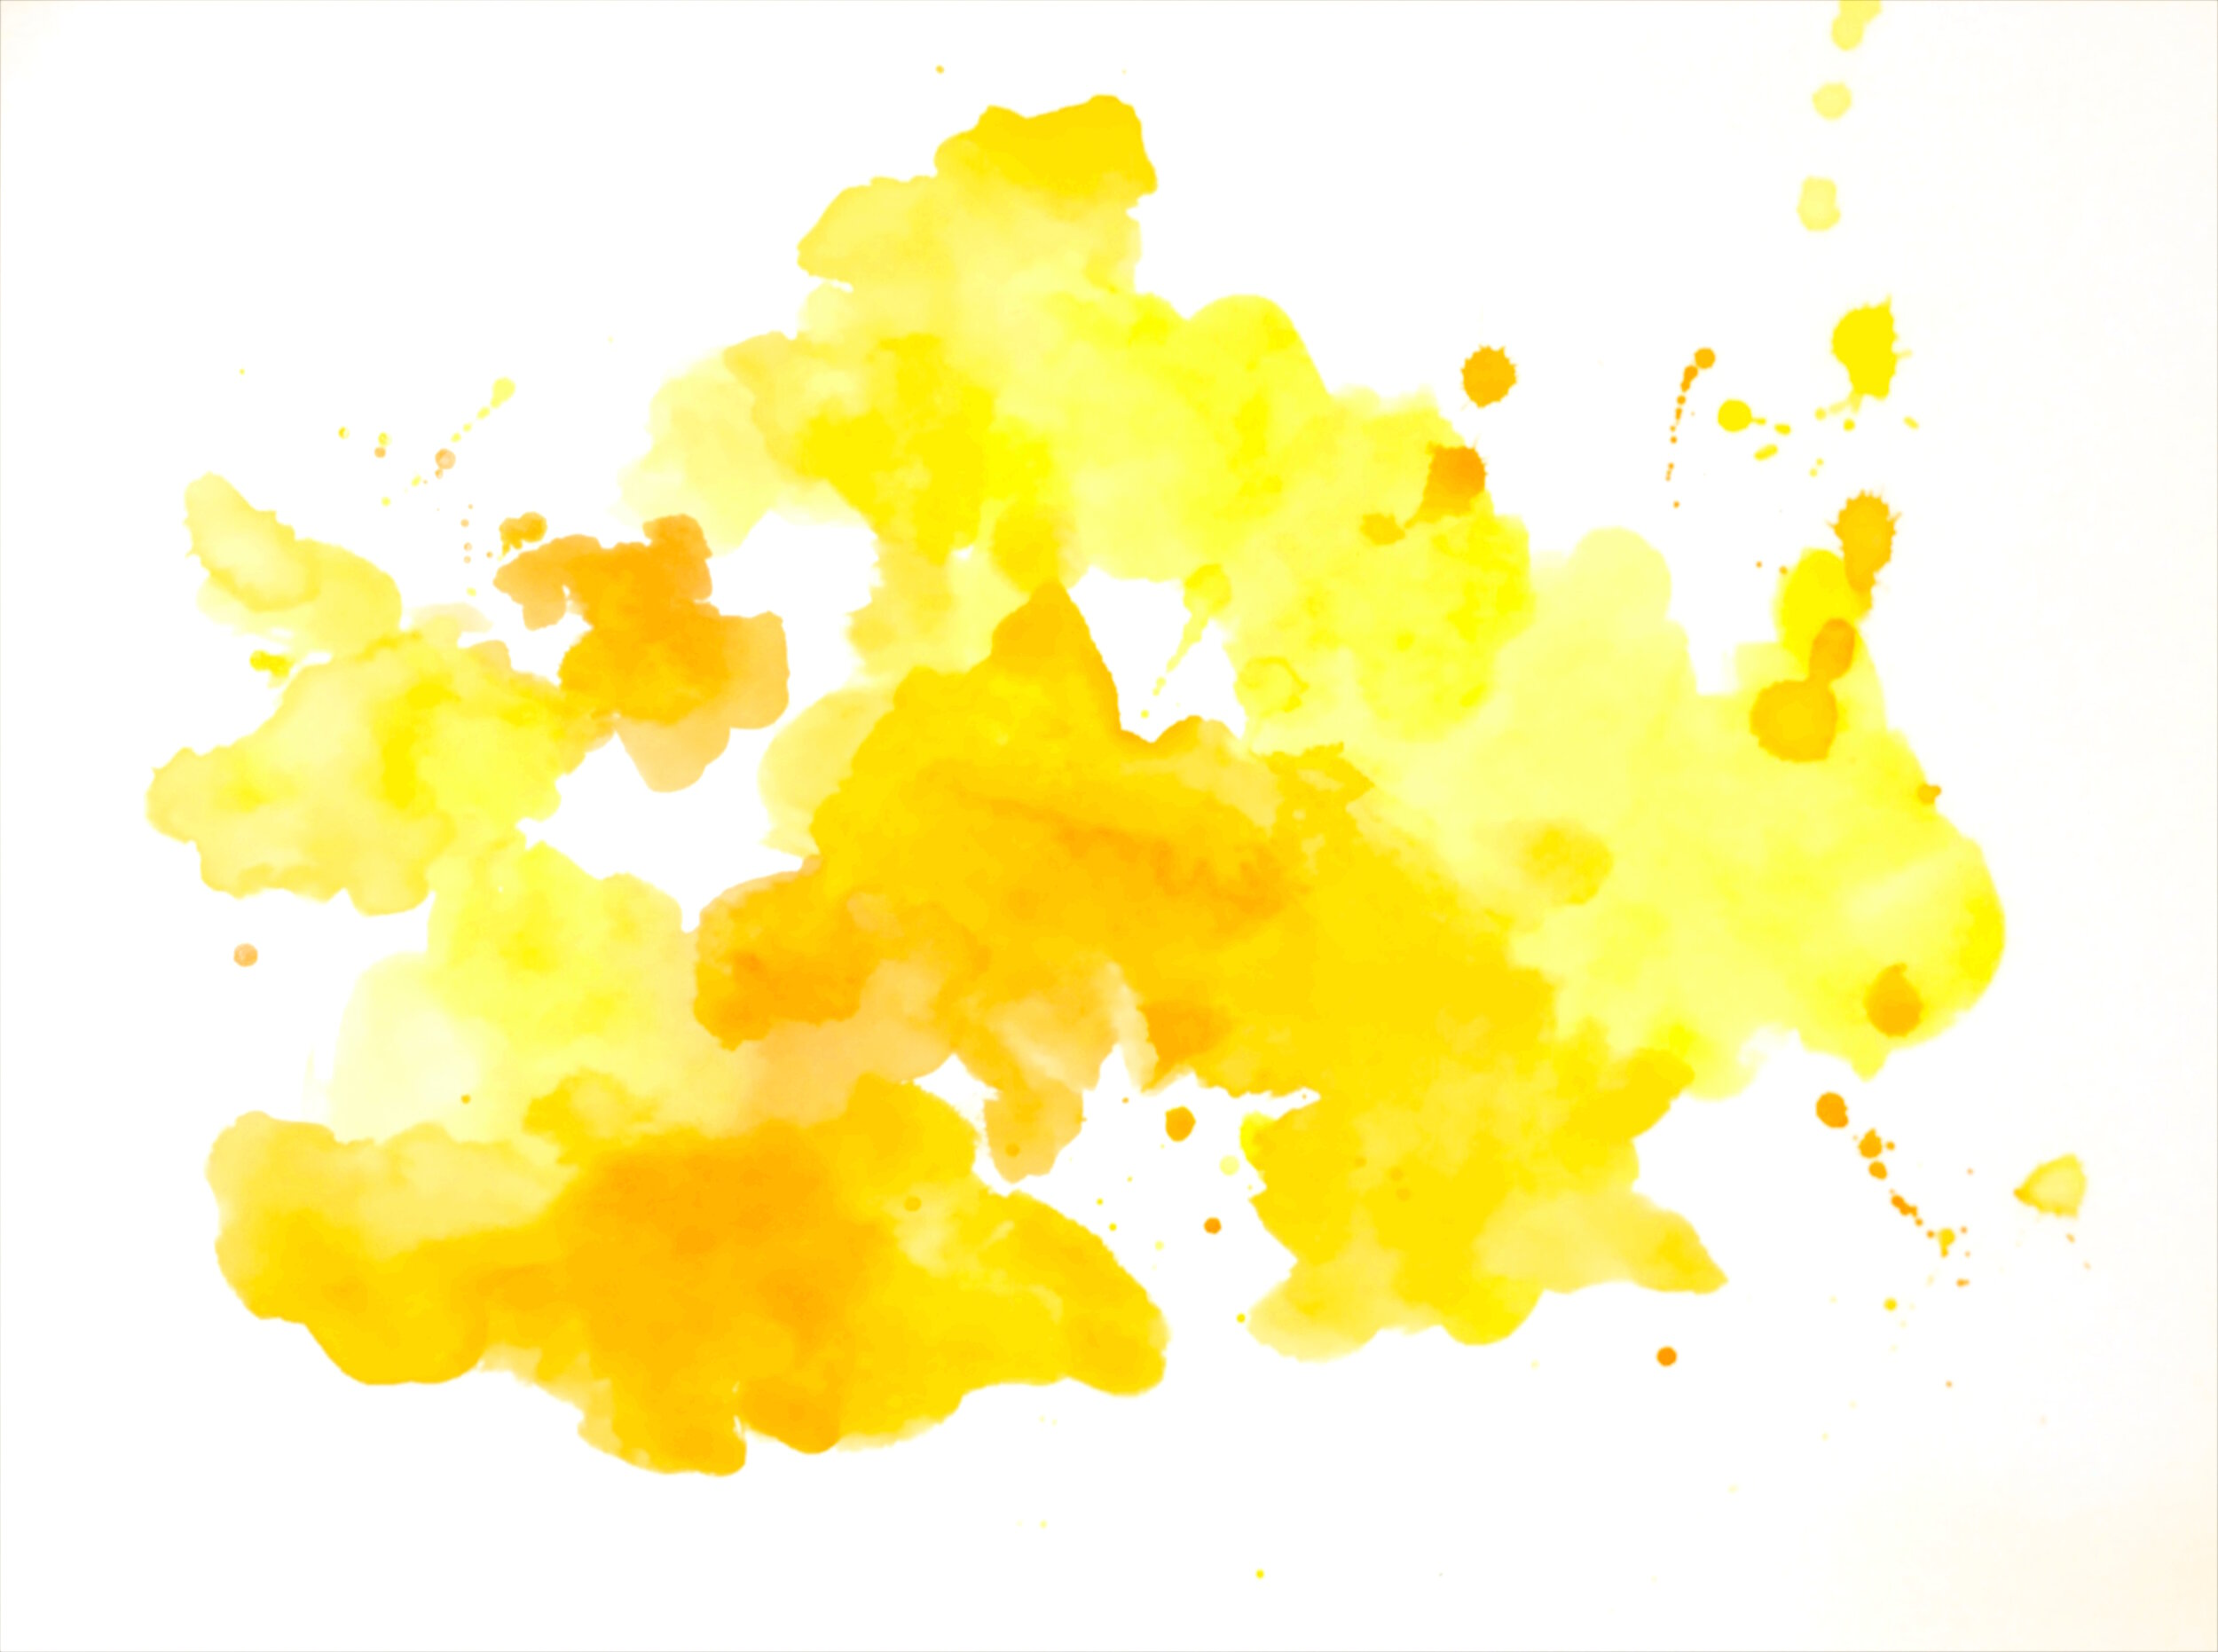 YellowSplot1.jpg